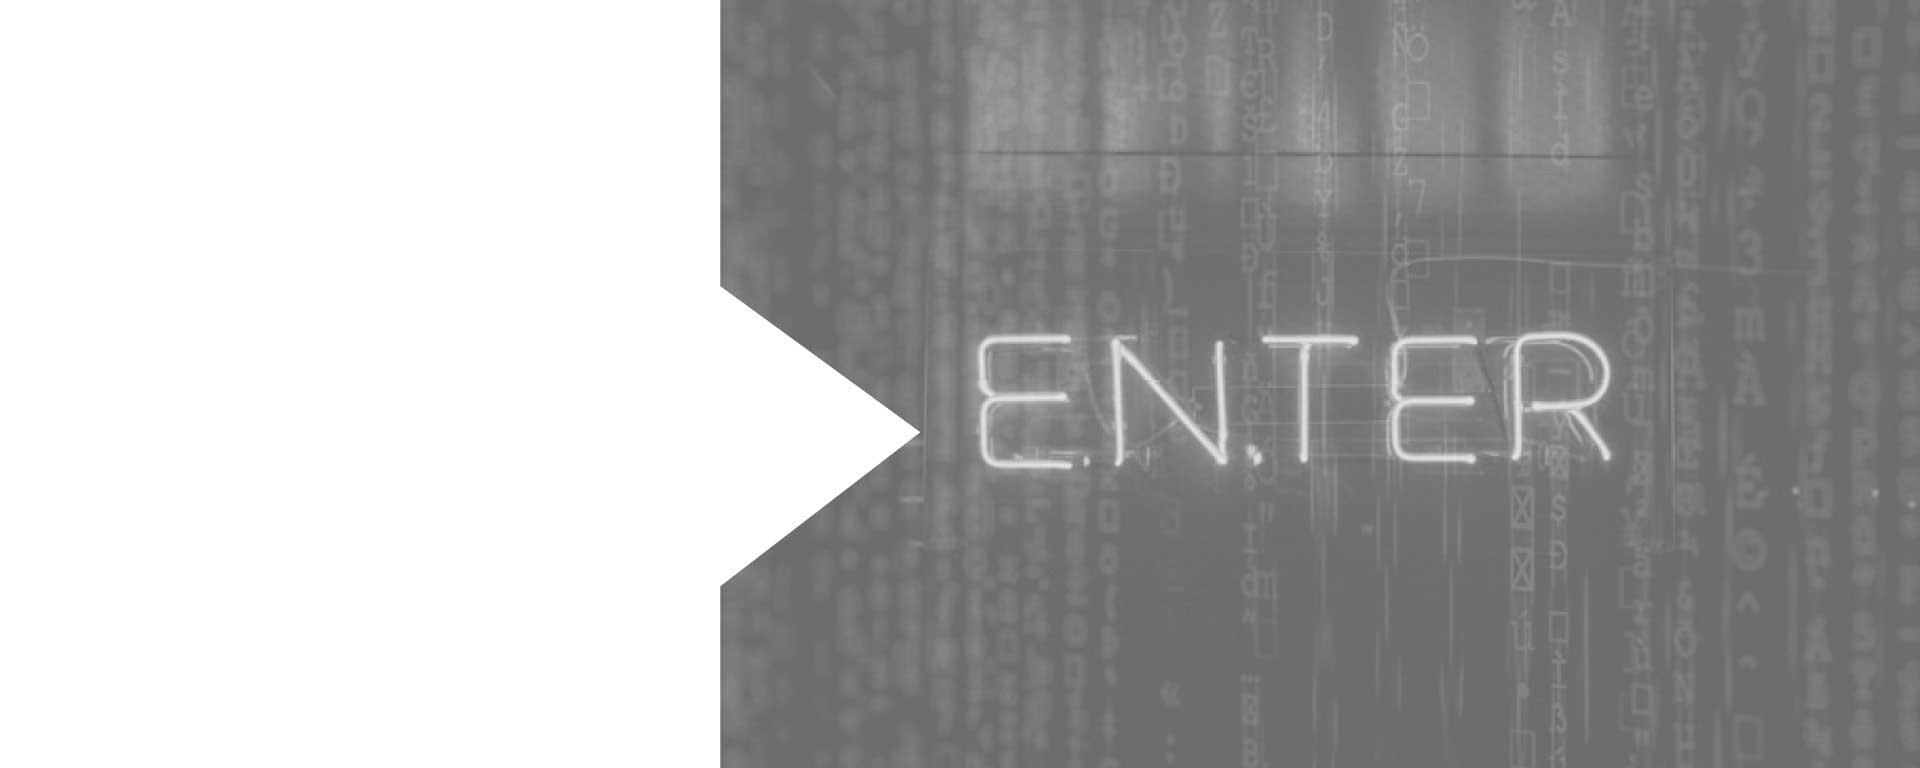 Analyse Digitalfootprint Webcheck Webseiten Prüfung Homepage Free Kostenlos